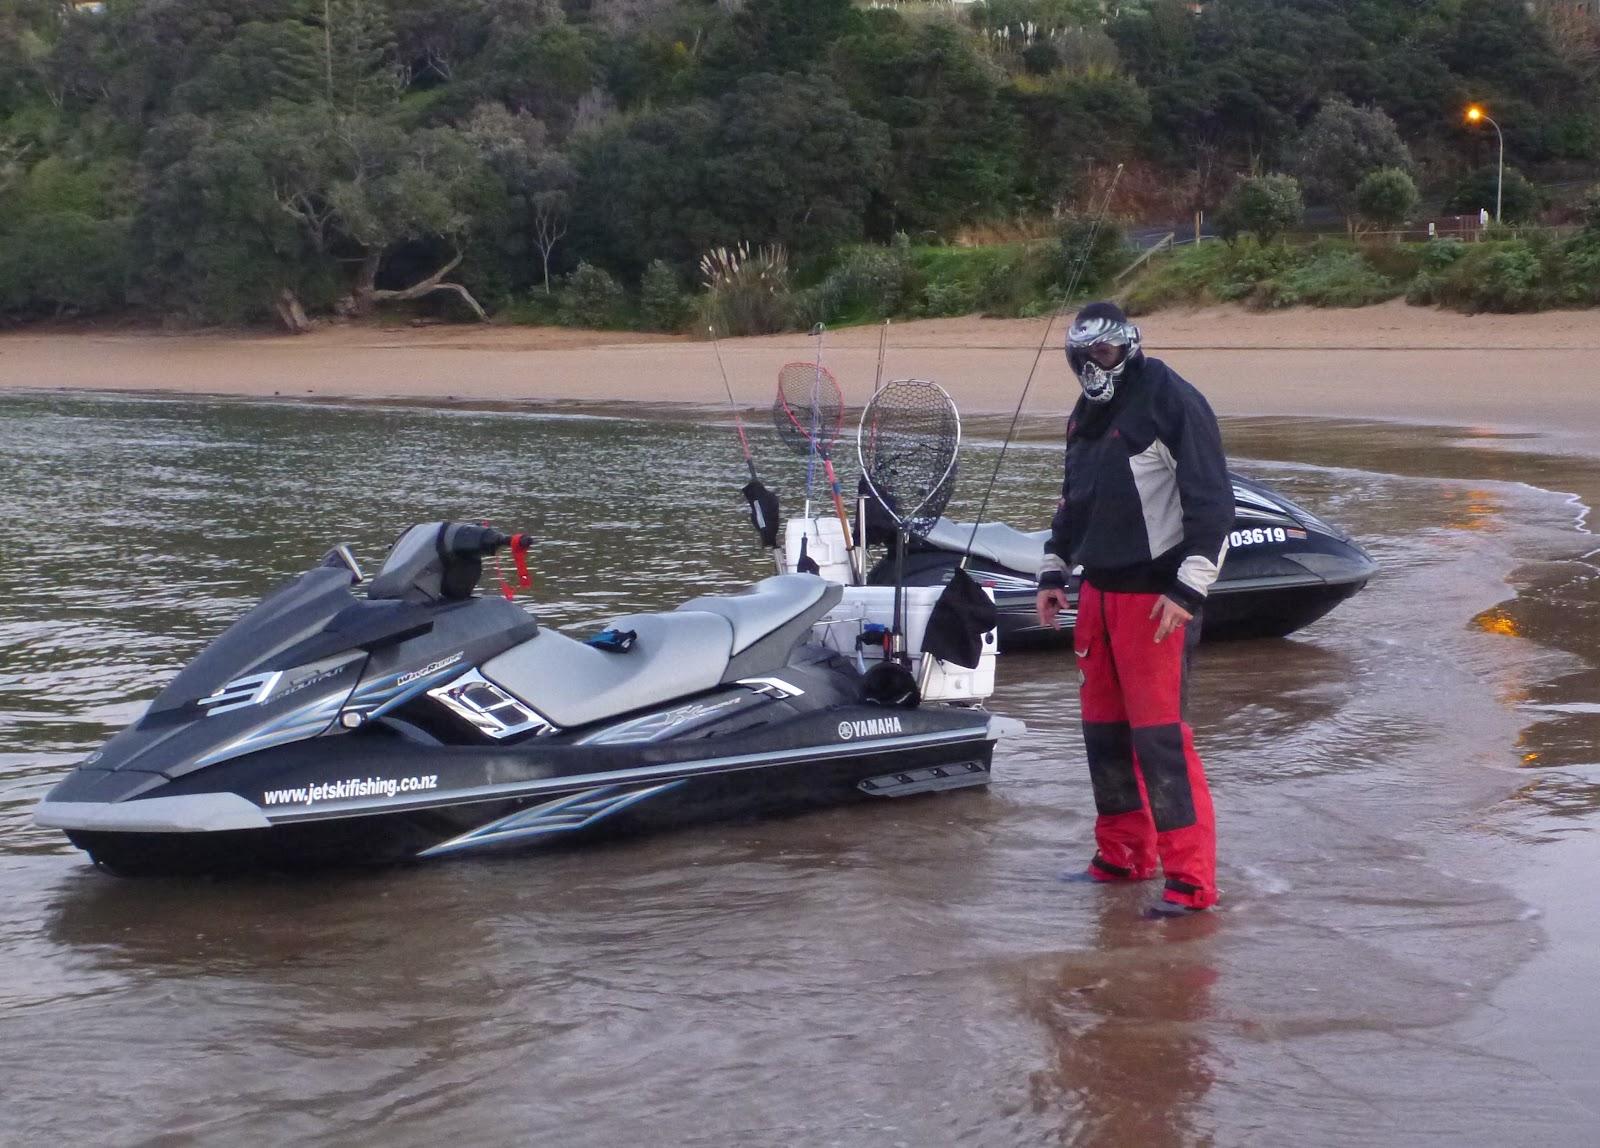 Jet ski fishing blog september 2012 for Fishing jet ski